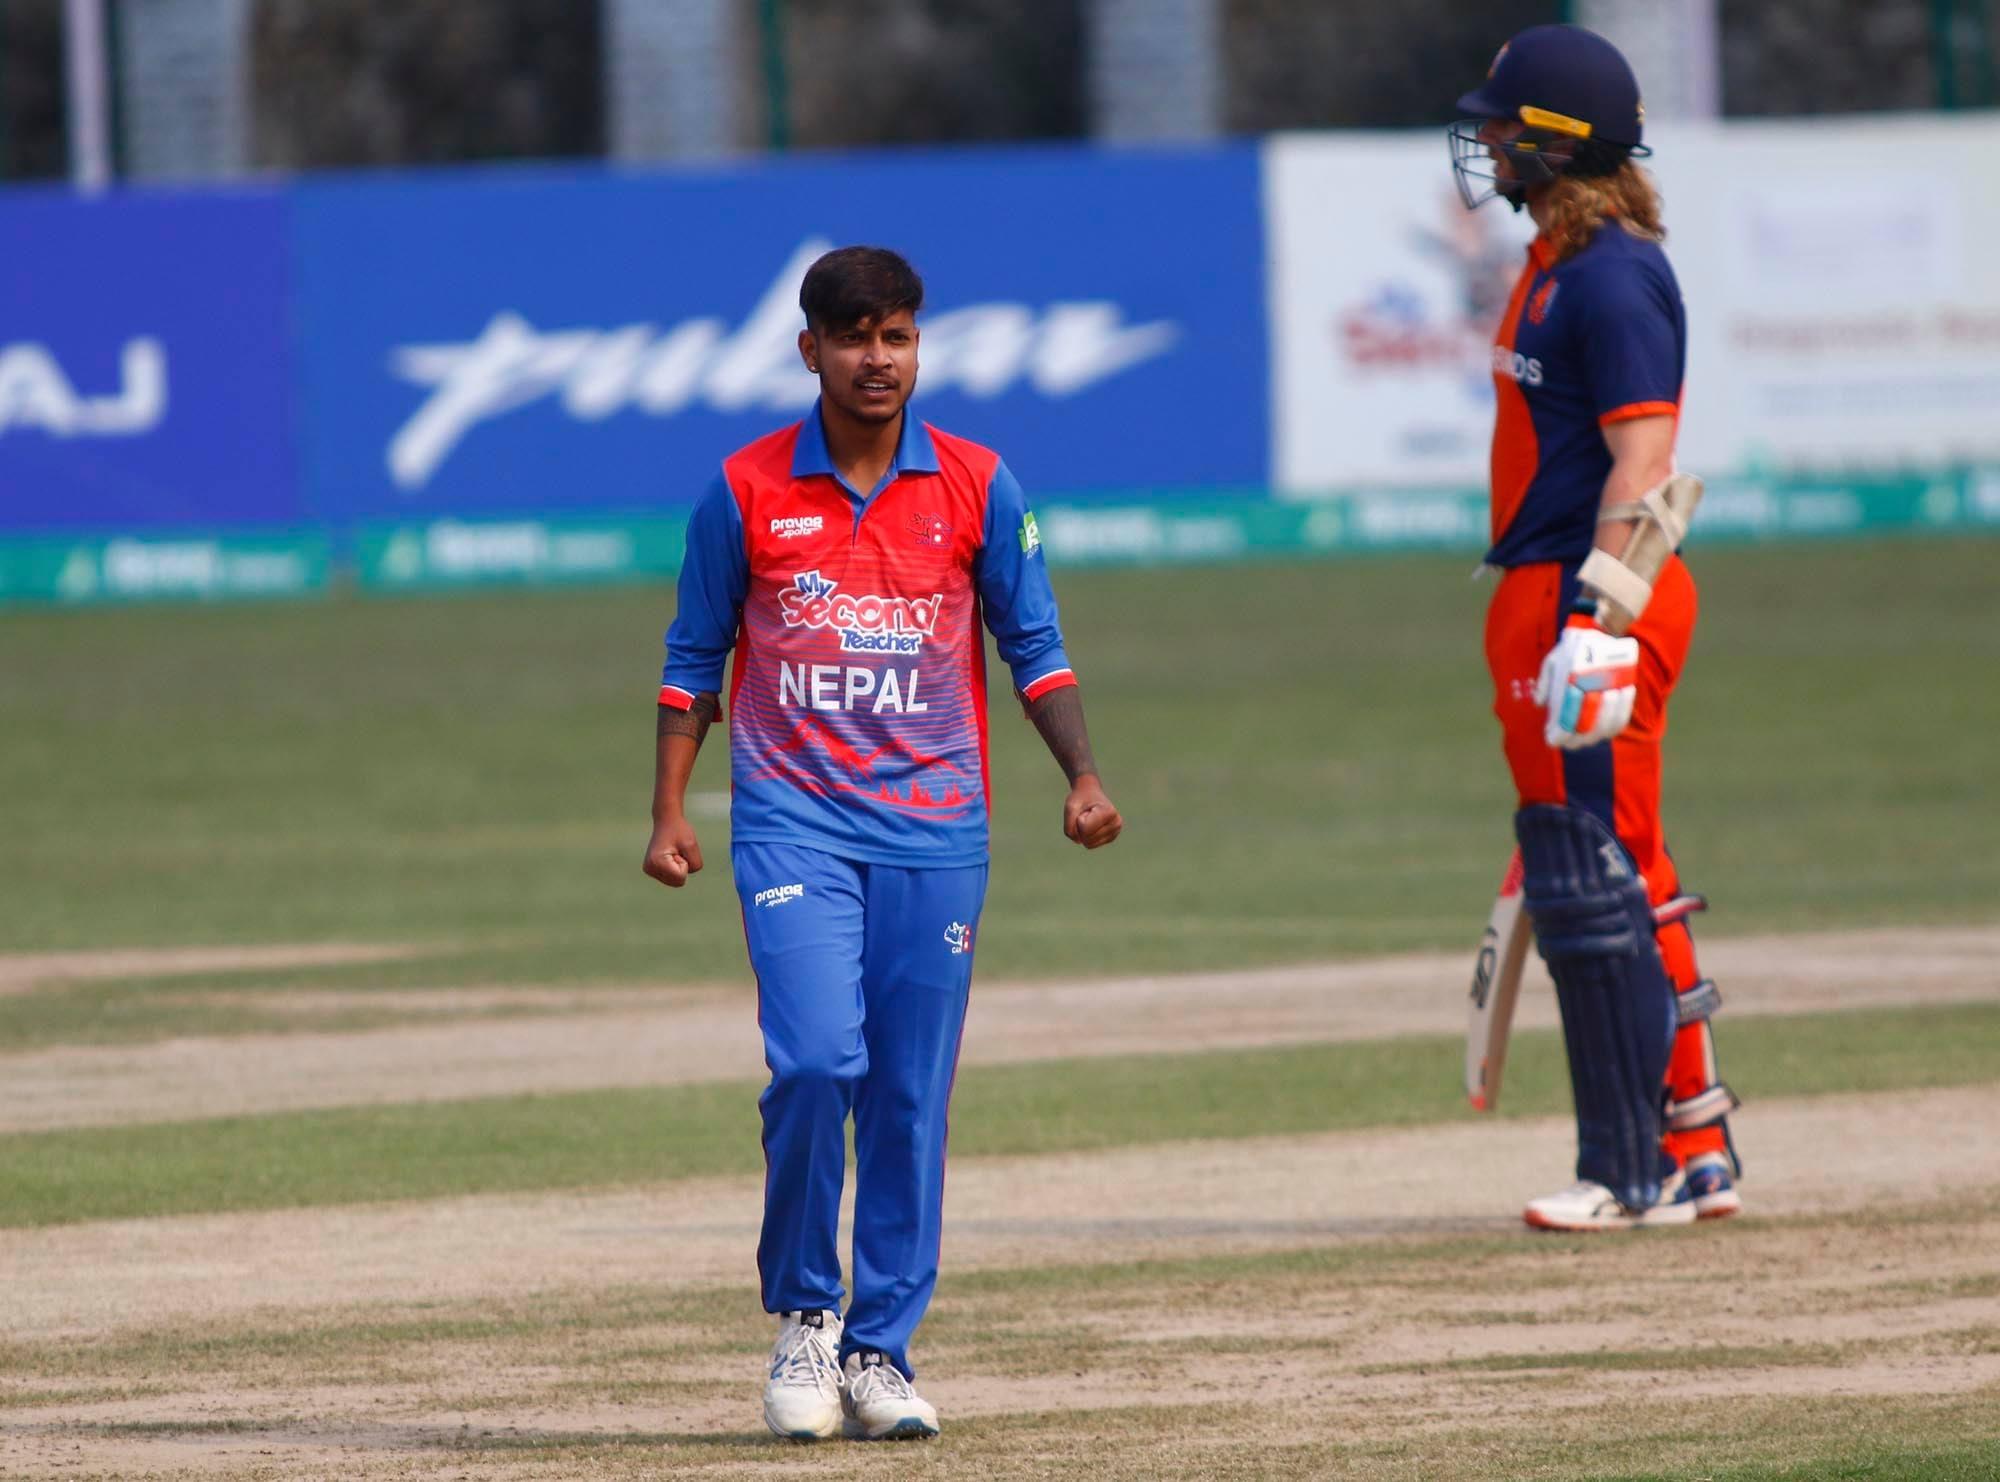 टी–२० क्रिकेटमा सय खेल खेल्ने सन्दीप पहिलो नेपाली खेलाडी